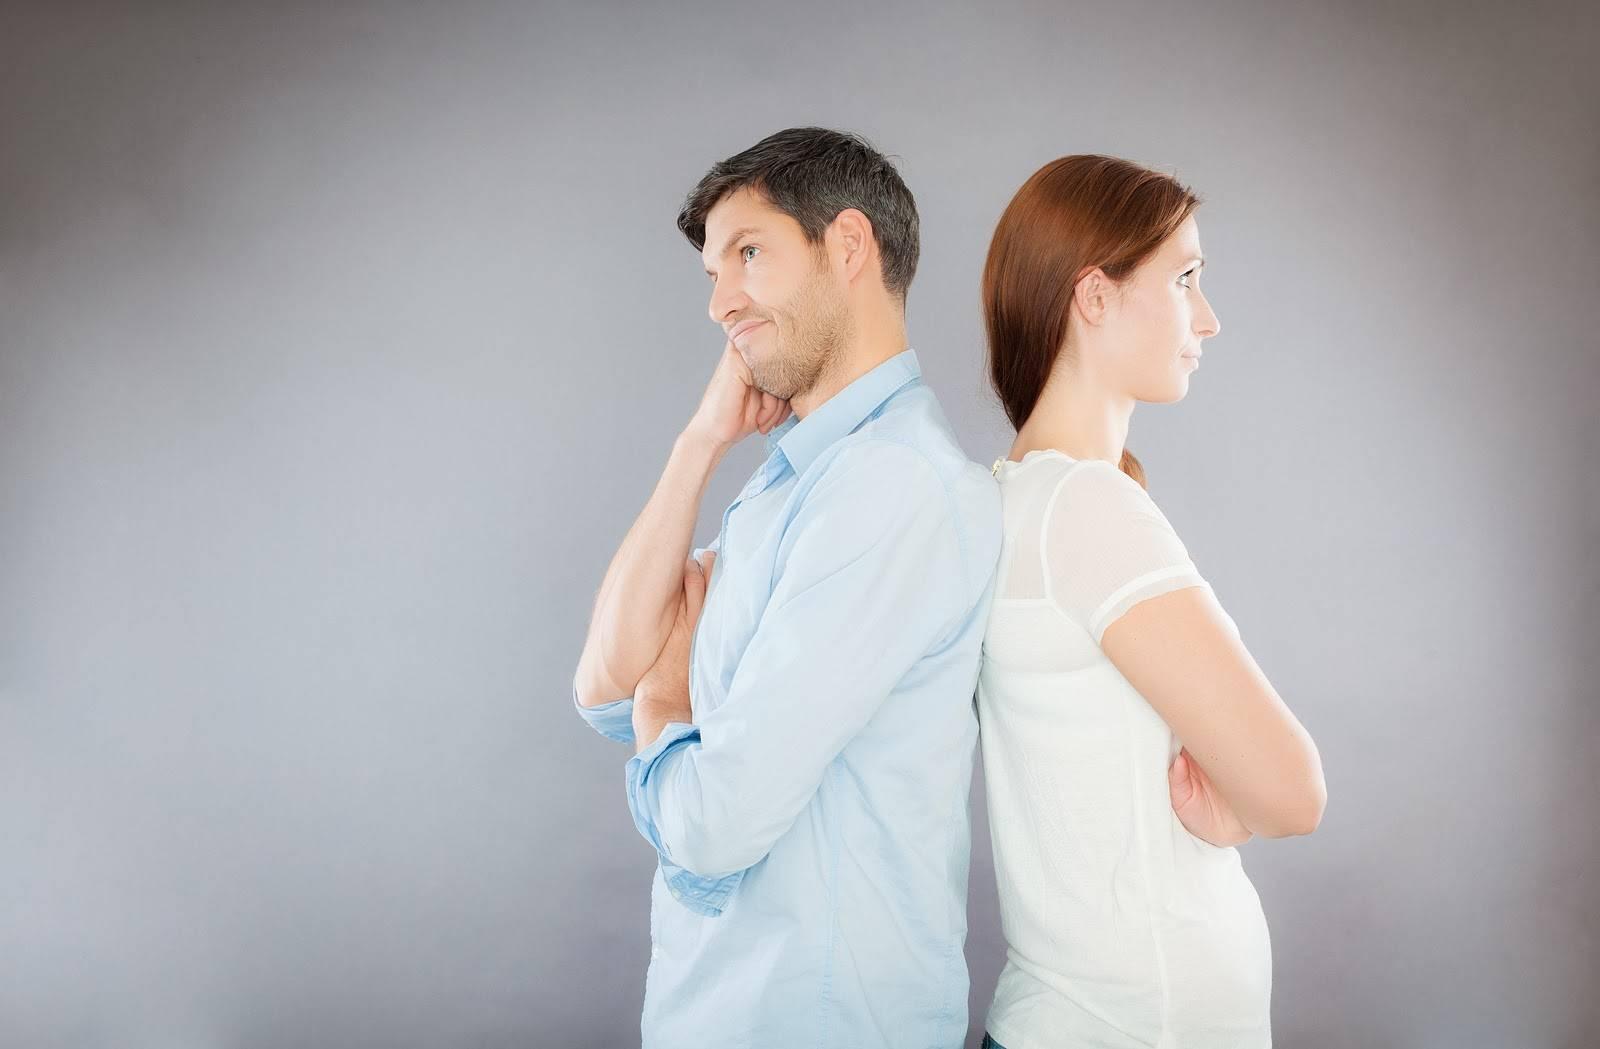 Como perdoar uma traição